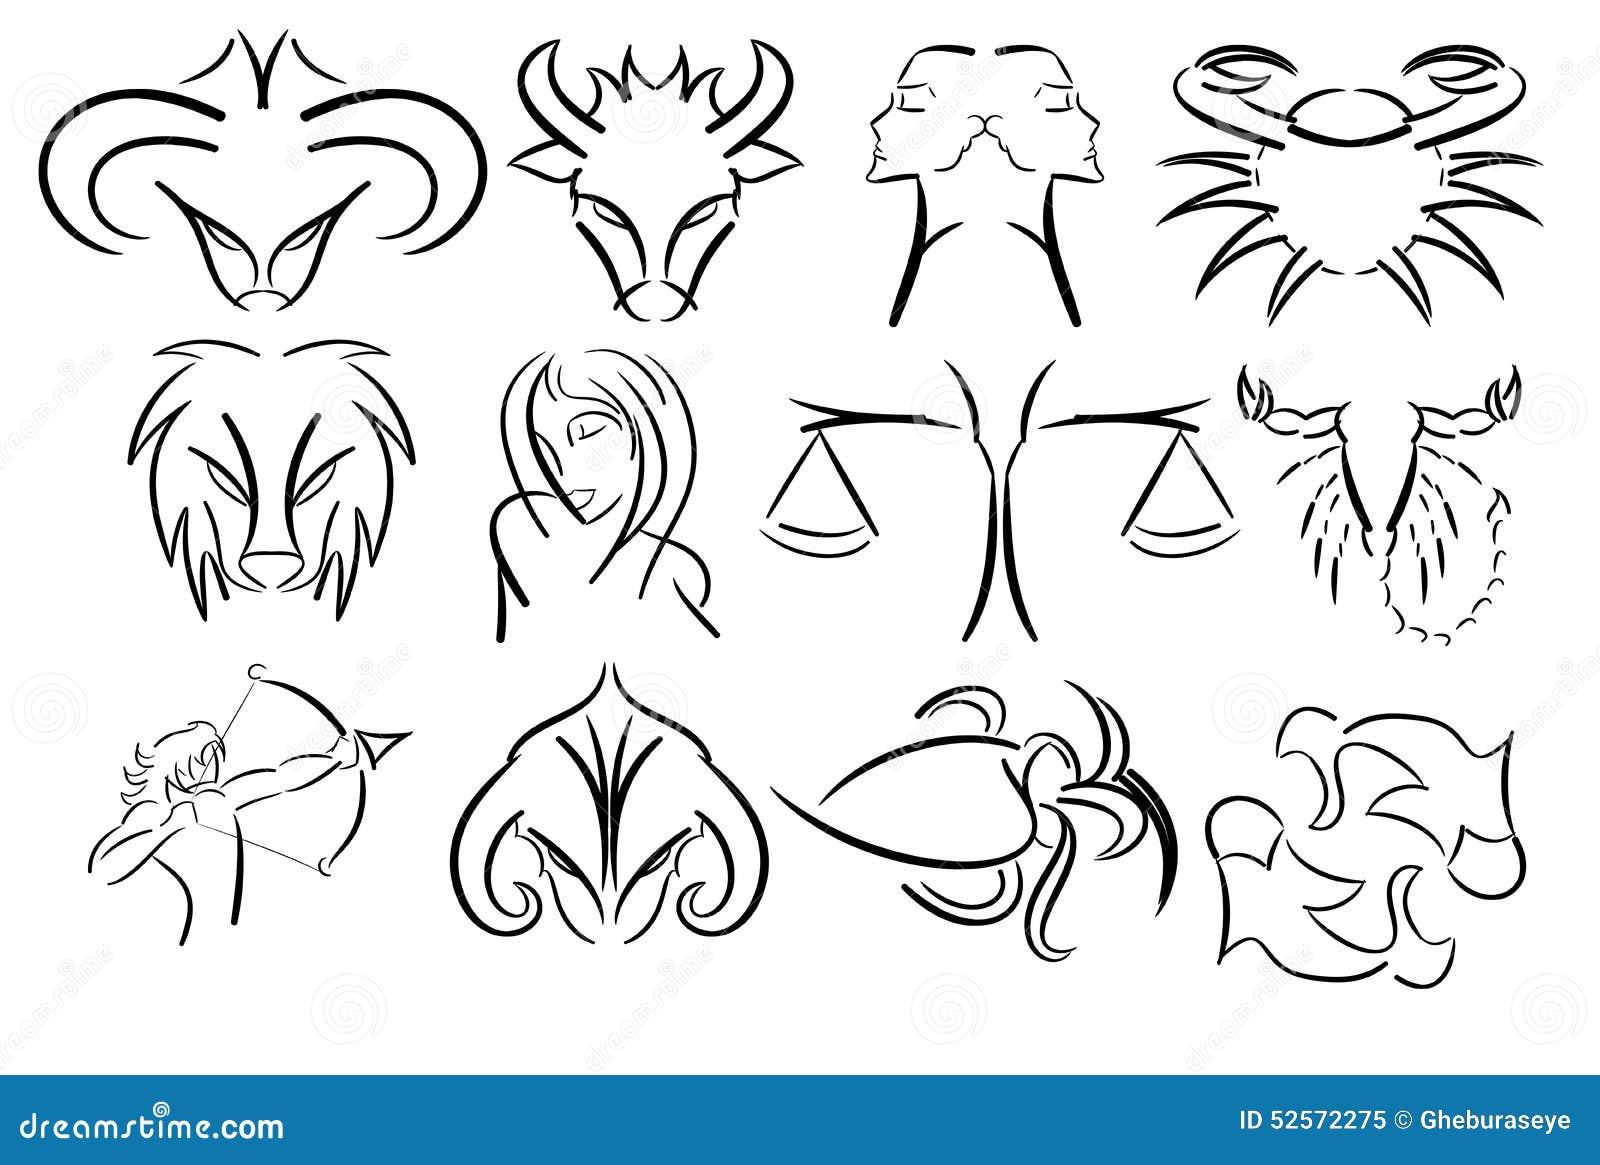 repr sentation du cerf tatouage